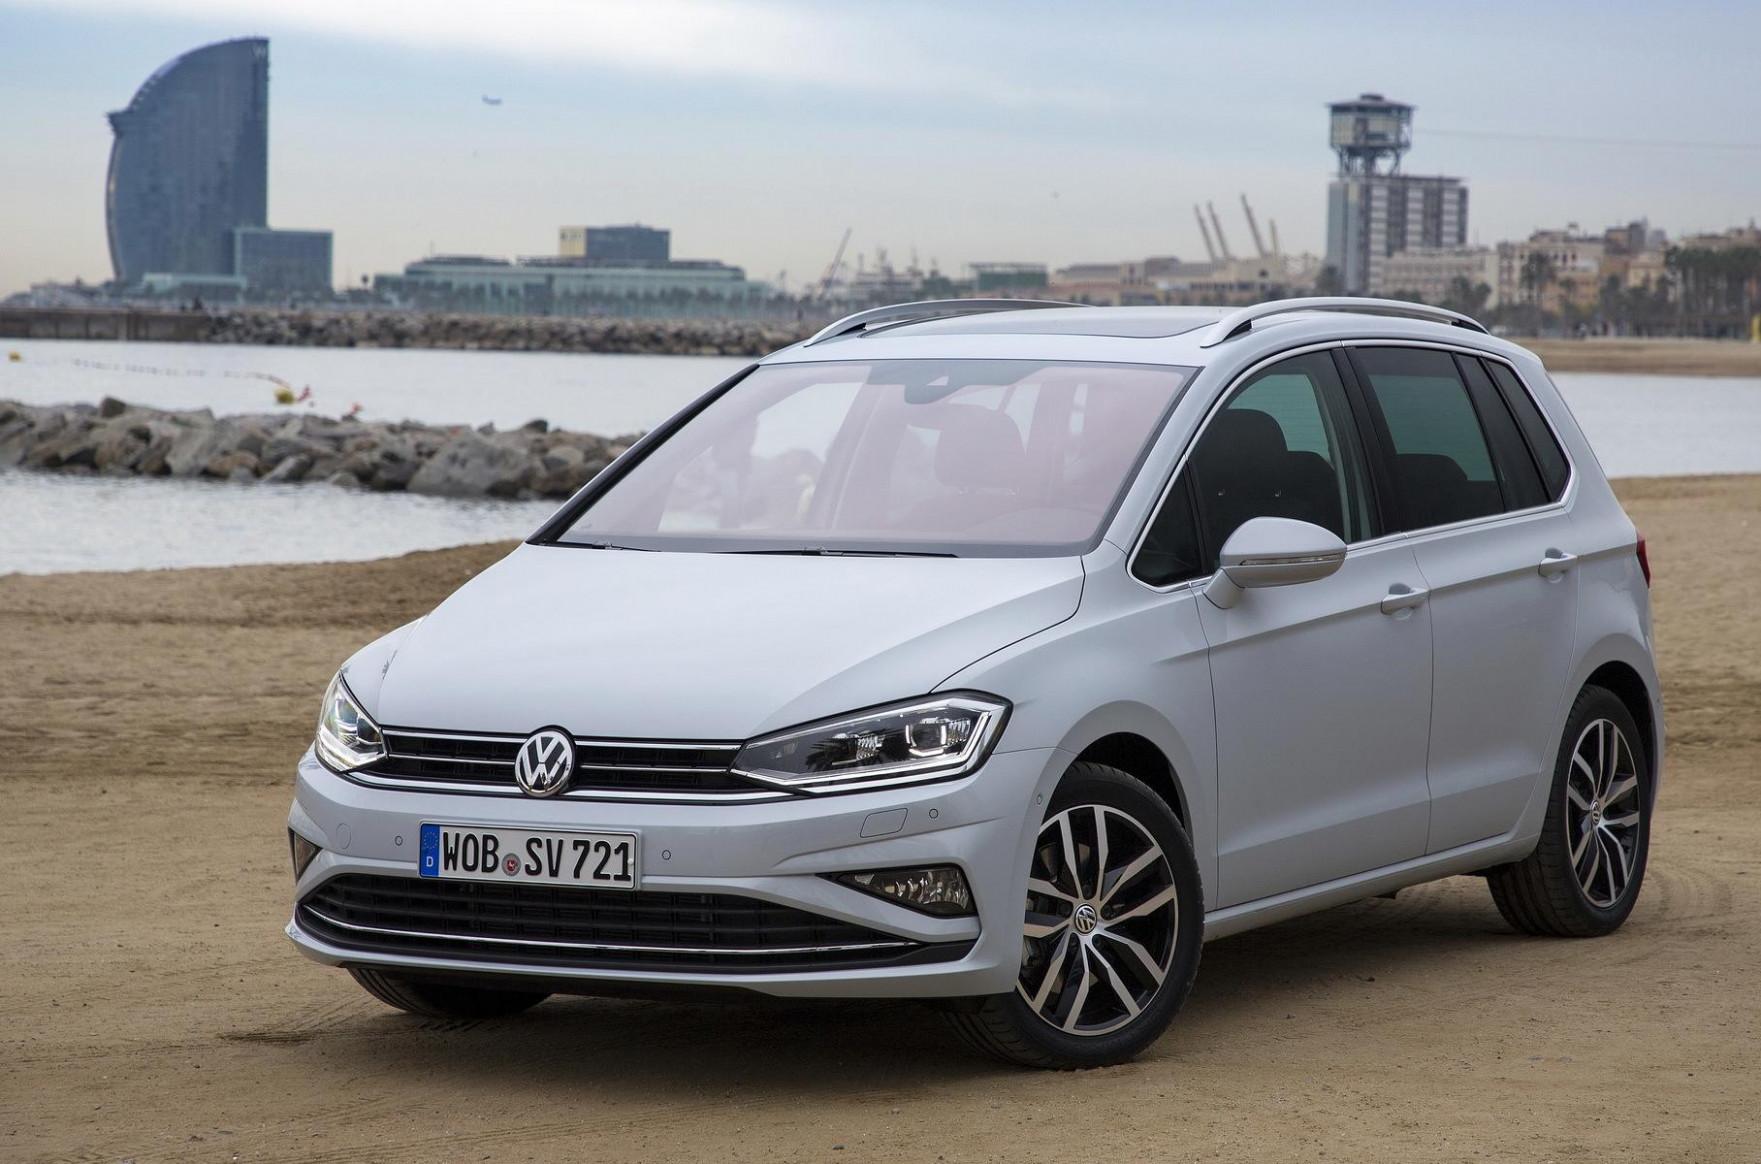 New Review 2022 VW Touran